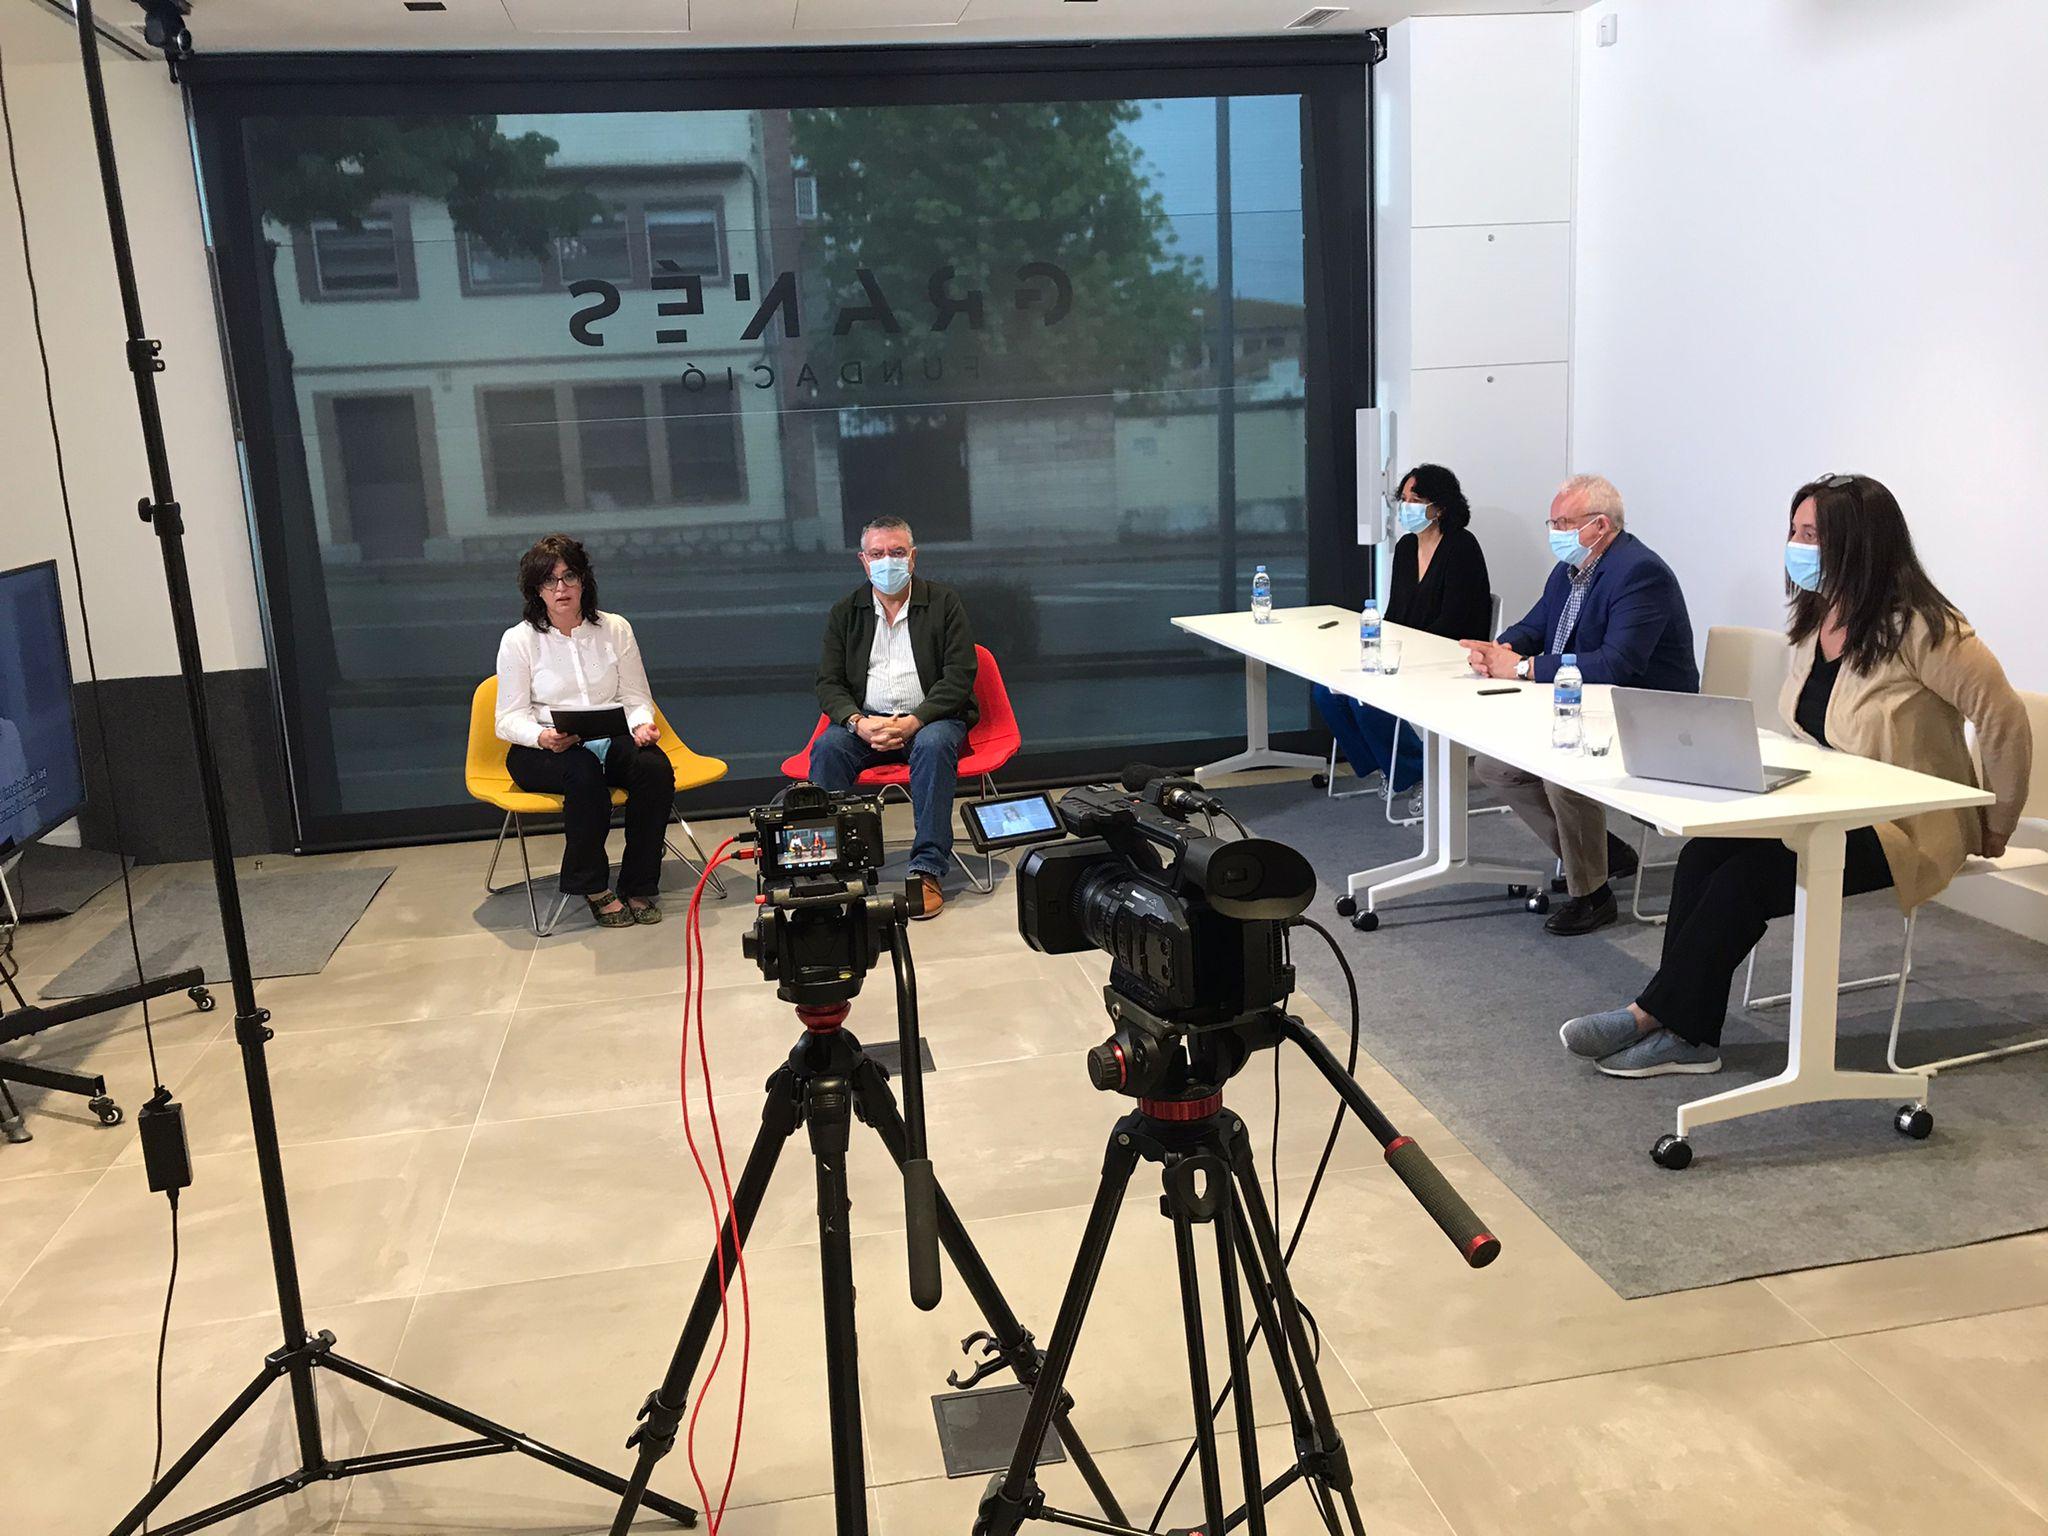 Professionals De La Salut I De L'ambit Social Català Analitzen El Diagnòstic De Patologia Mental En Persones Amb Discapacitat Intel·lectual